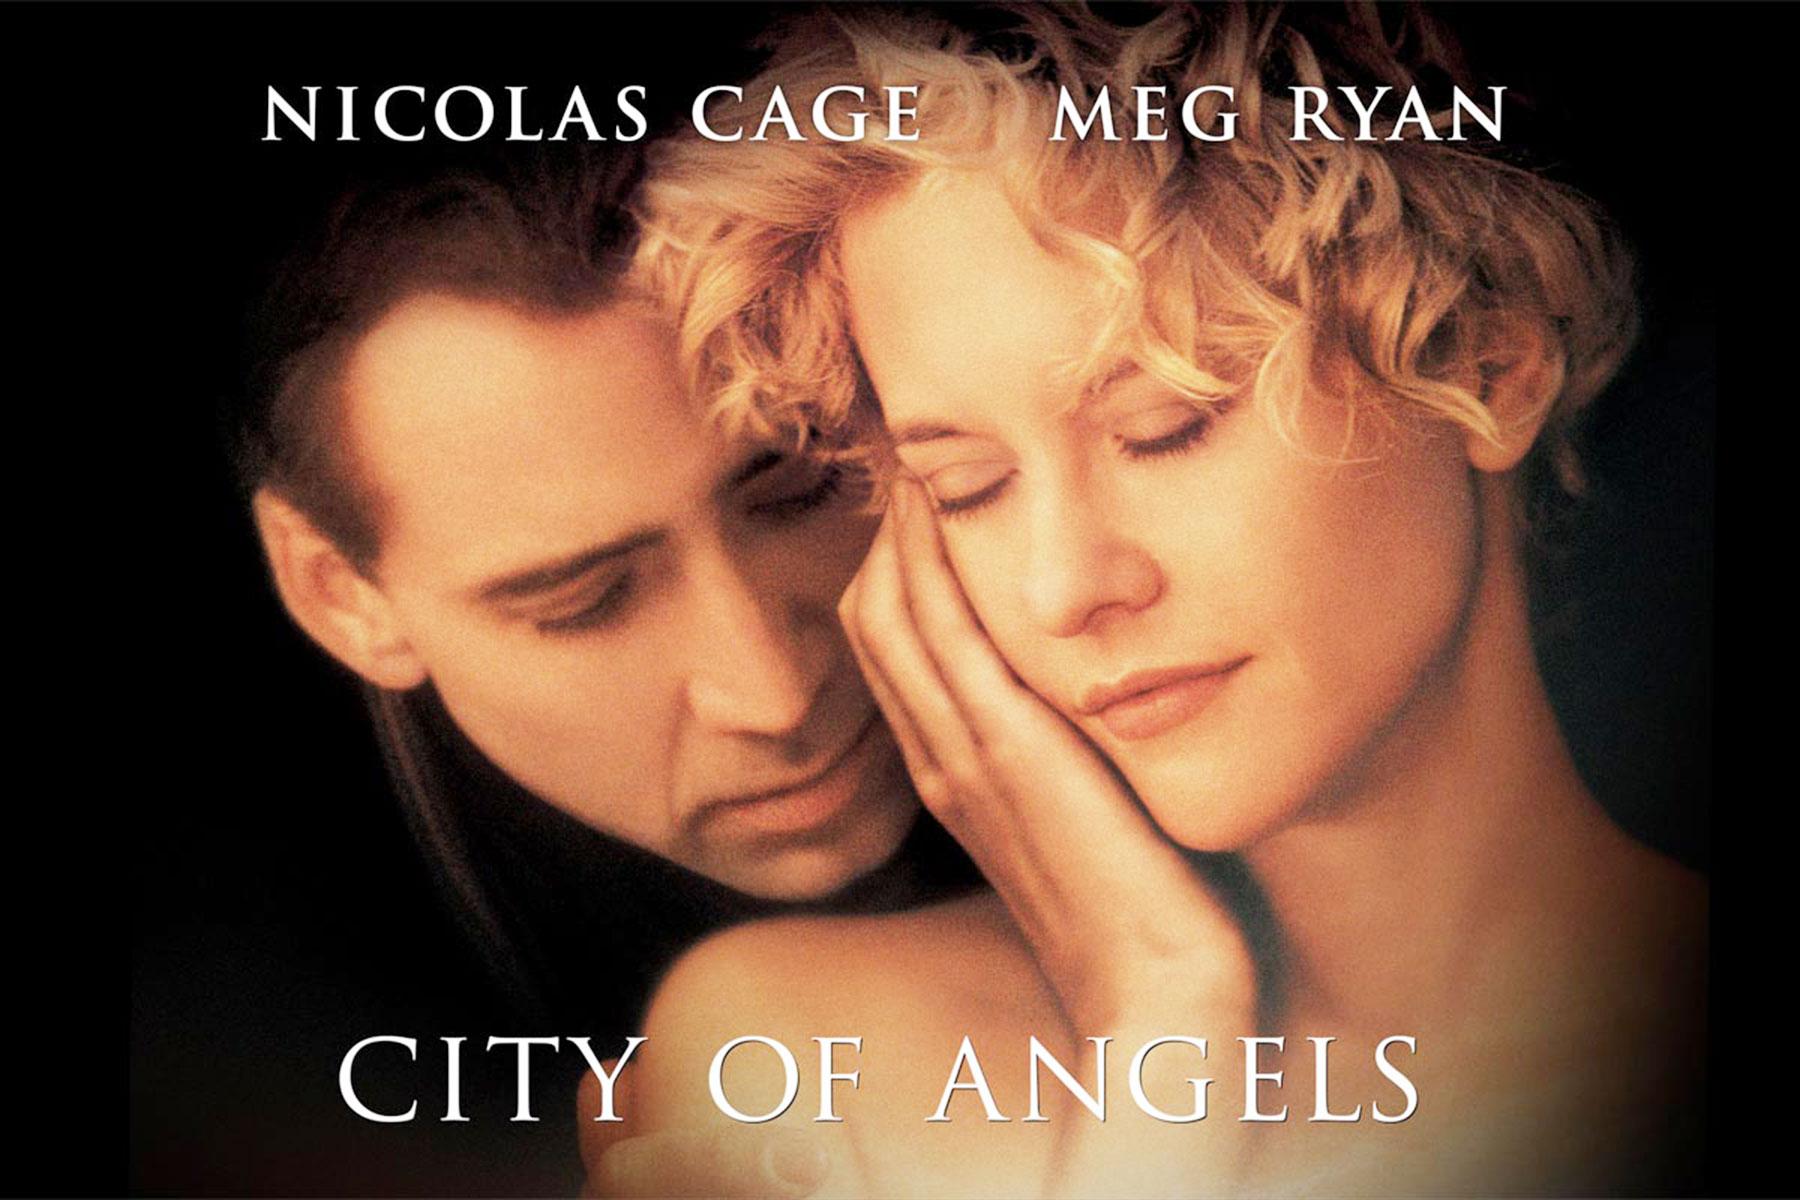 City of angle